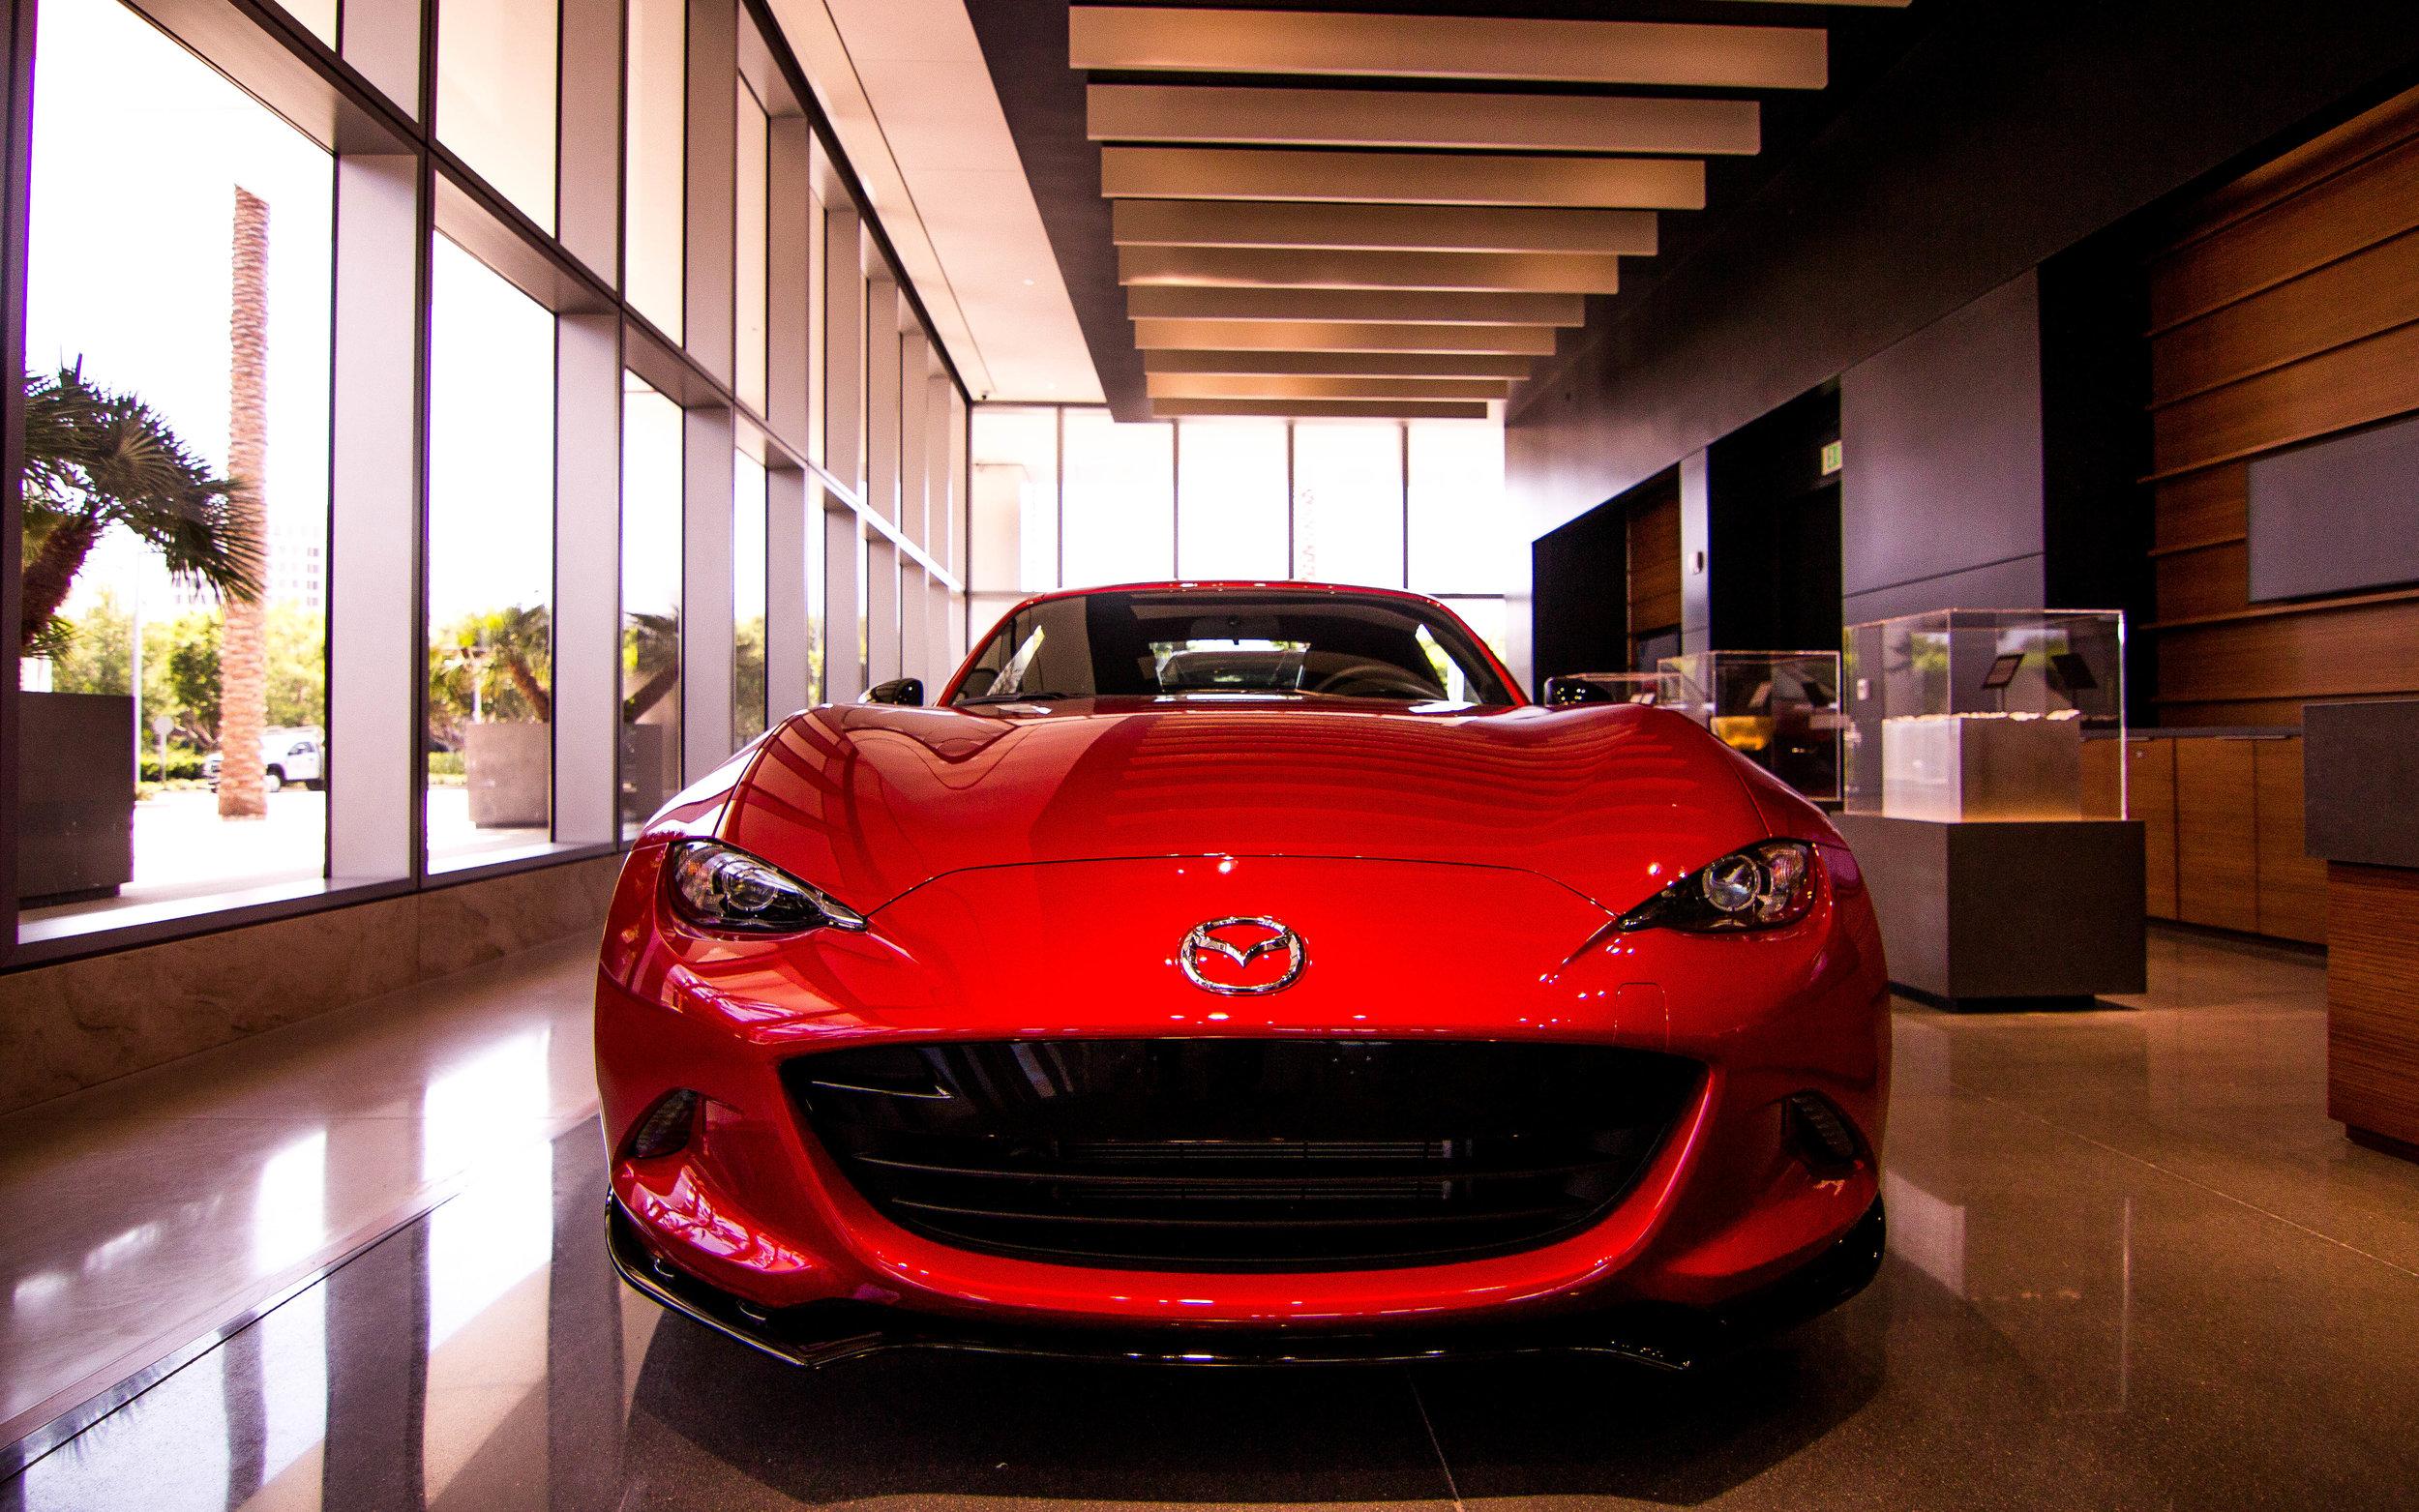 2017-07-17 2260 Mazda (1).jpg